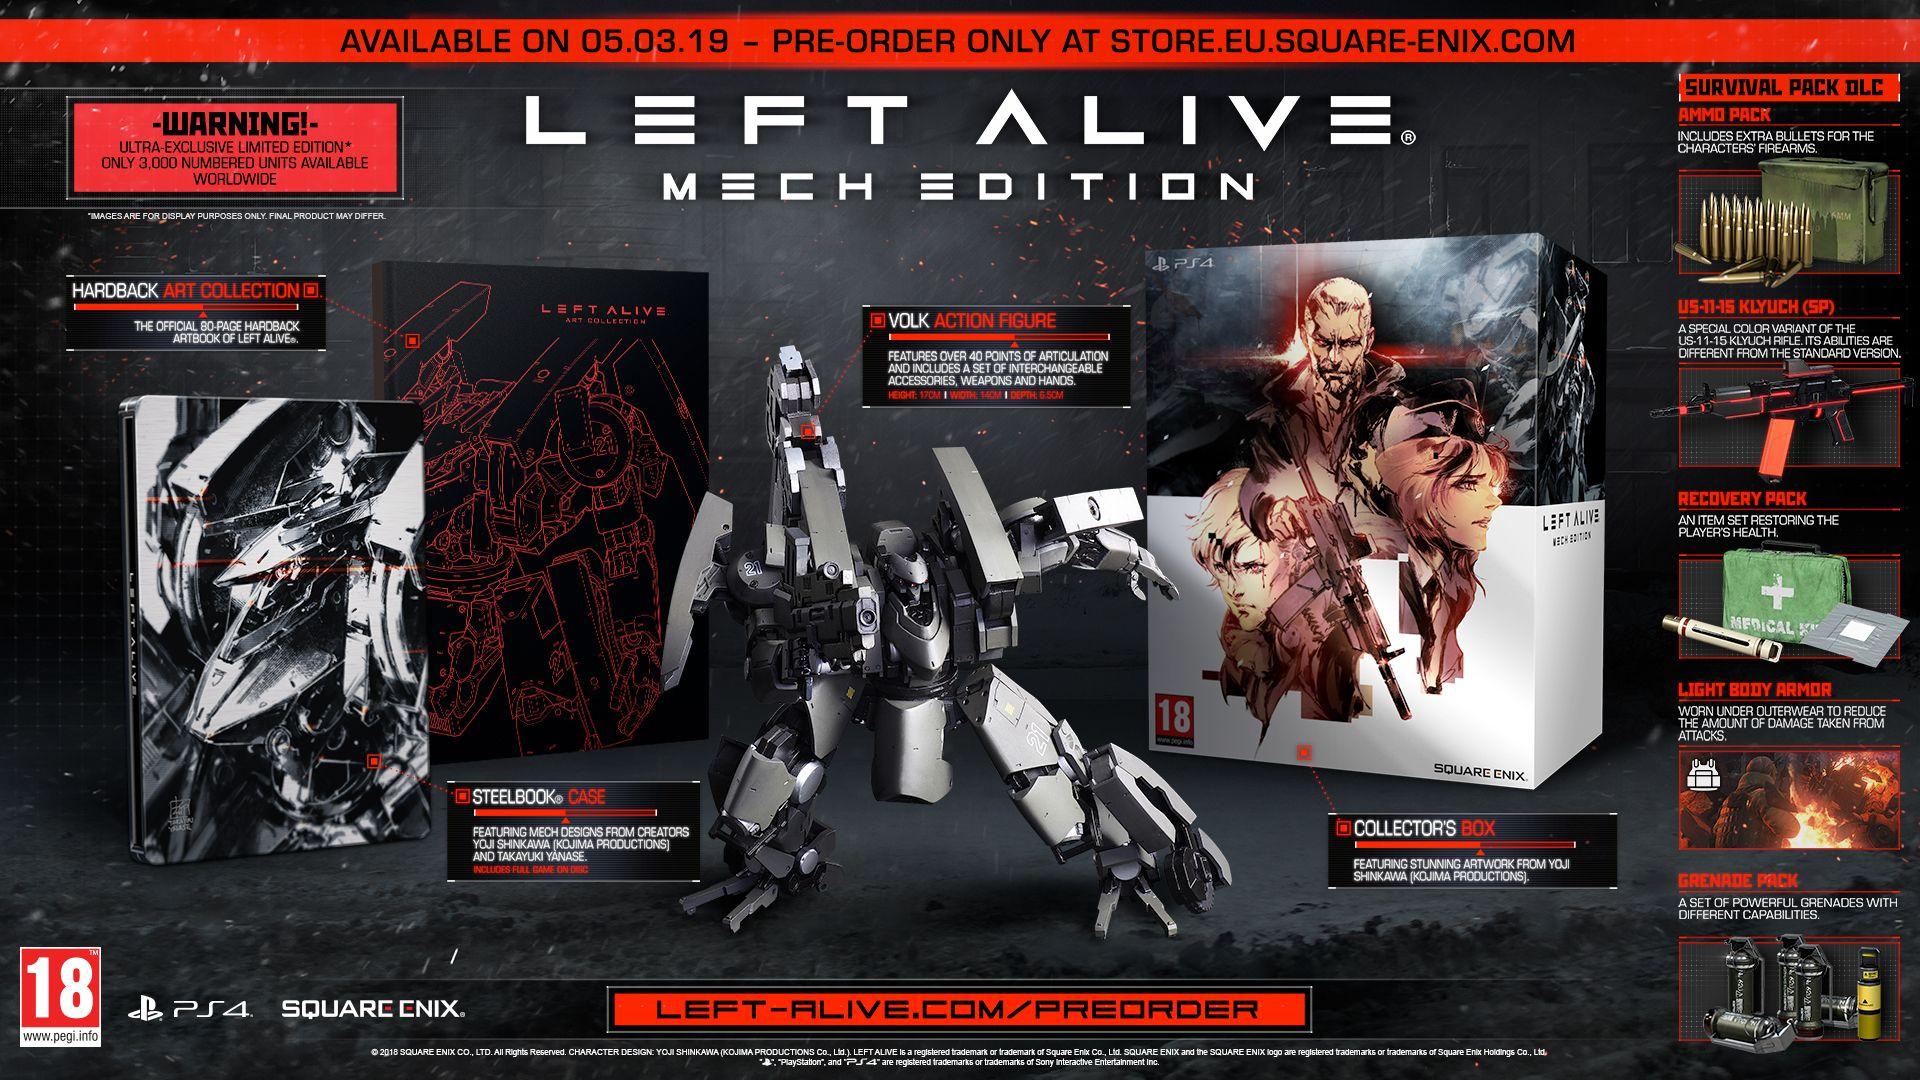 LEFT ALIVE® - MECH EDITION [PS4]   Square Enix Store